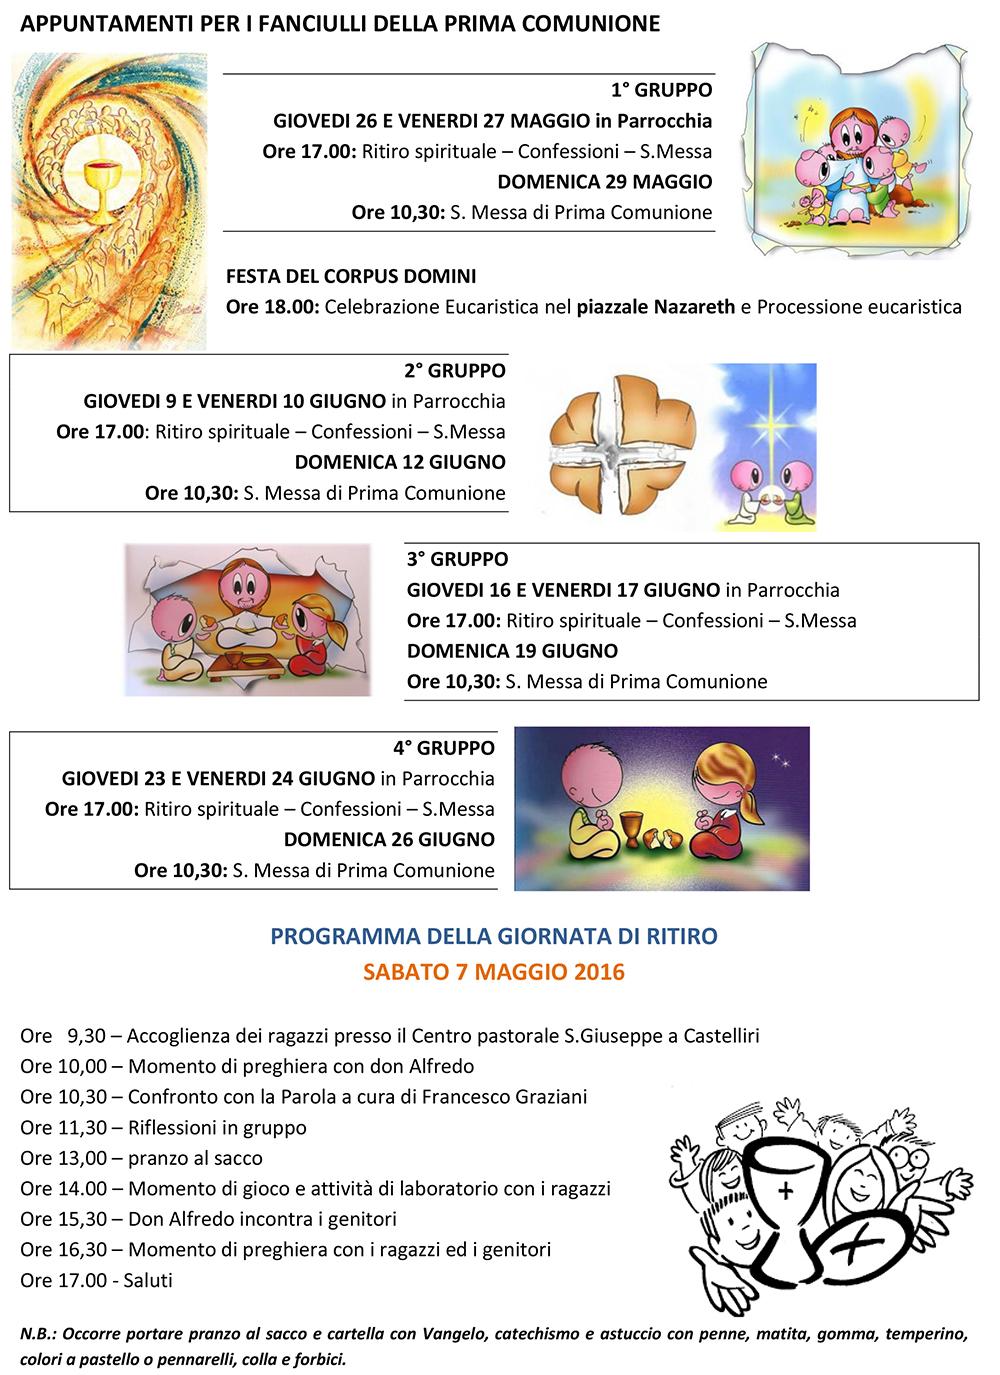 San Lorenzo Martire ® - 2016 04 24 - APPUNTAMENTI fine catechismo 2016 - 2